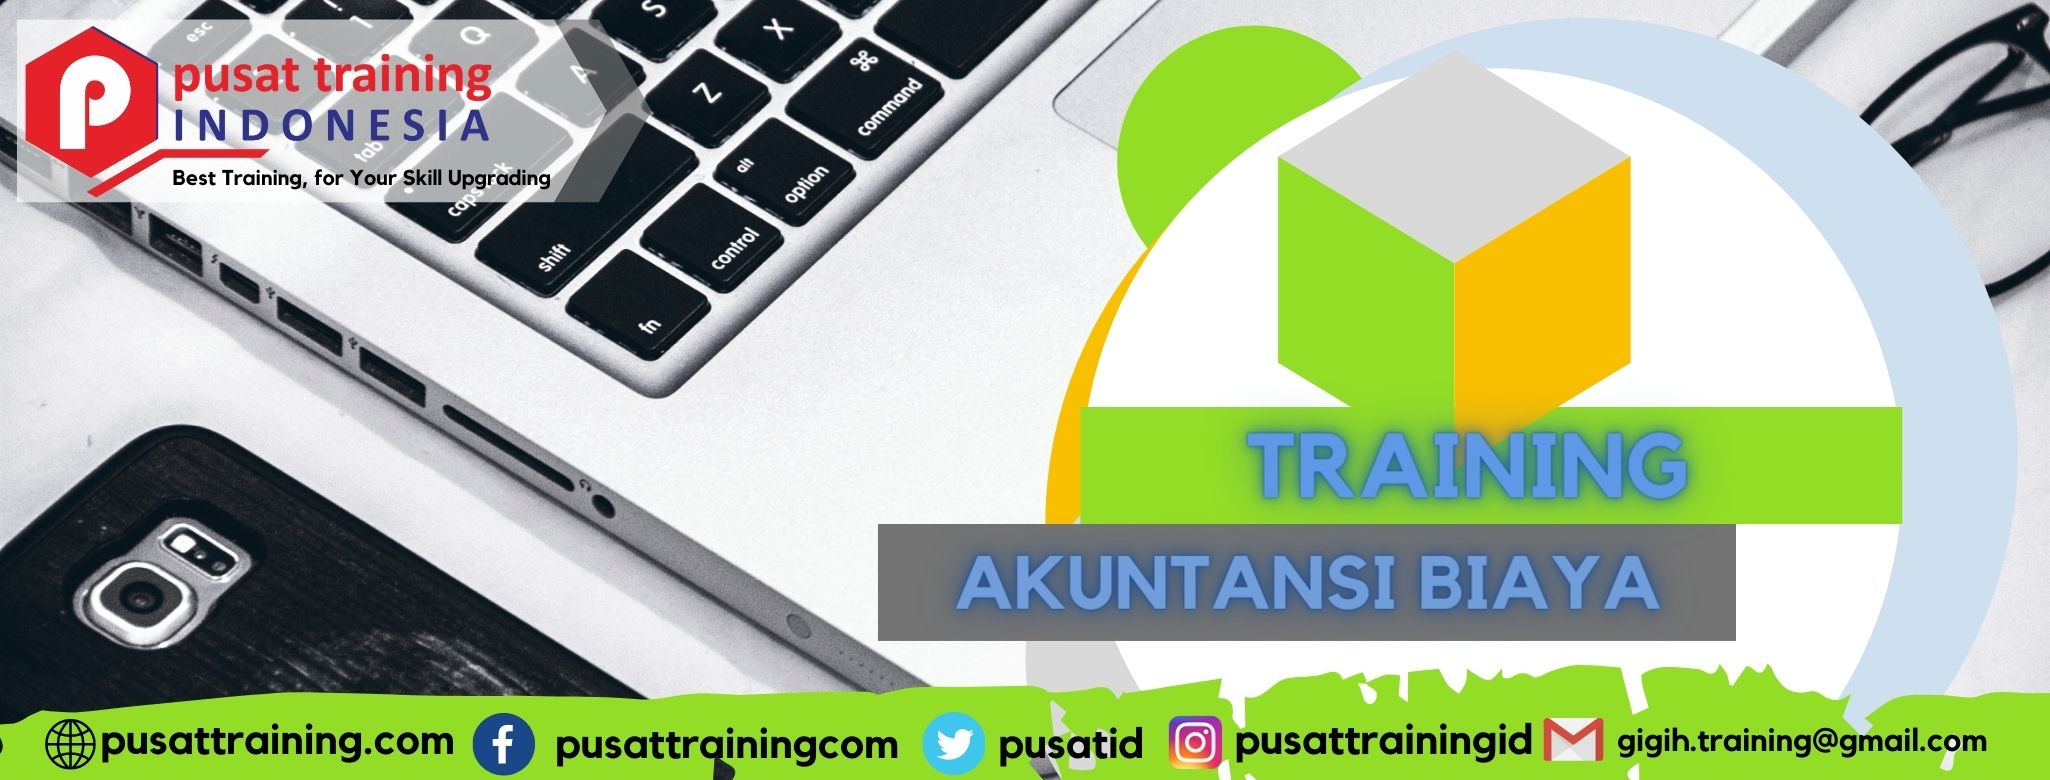 AKUNTANSI BIAYA TRAINING